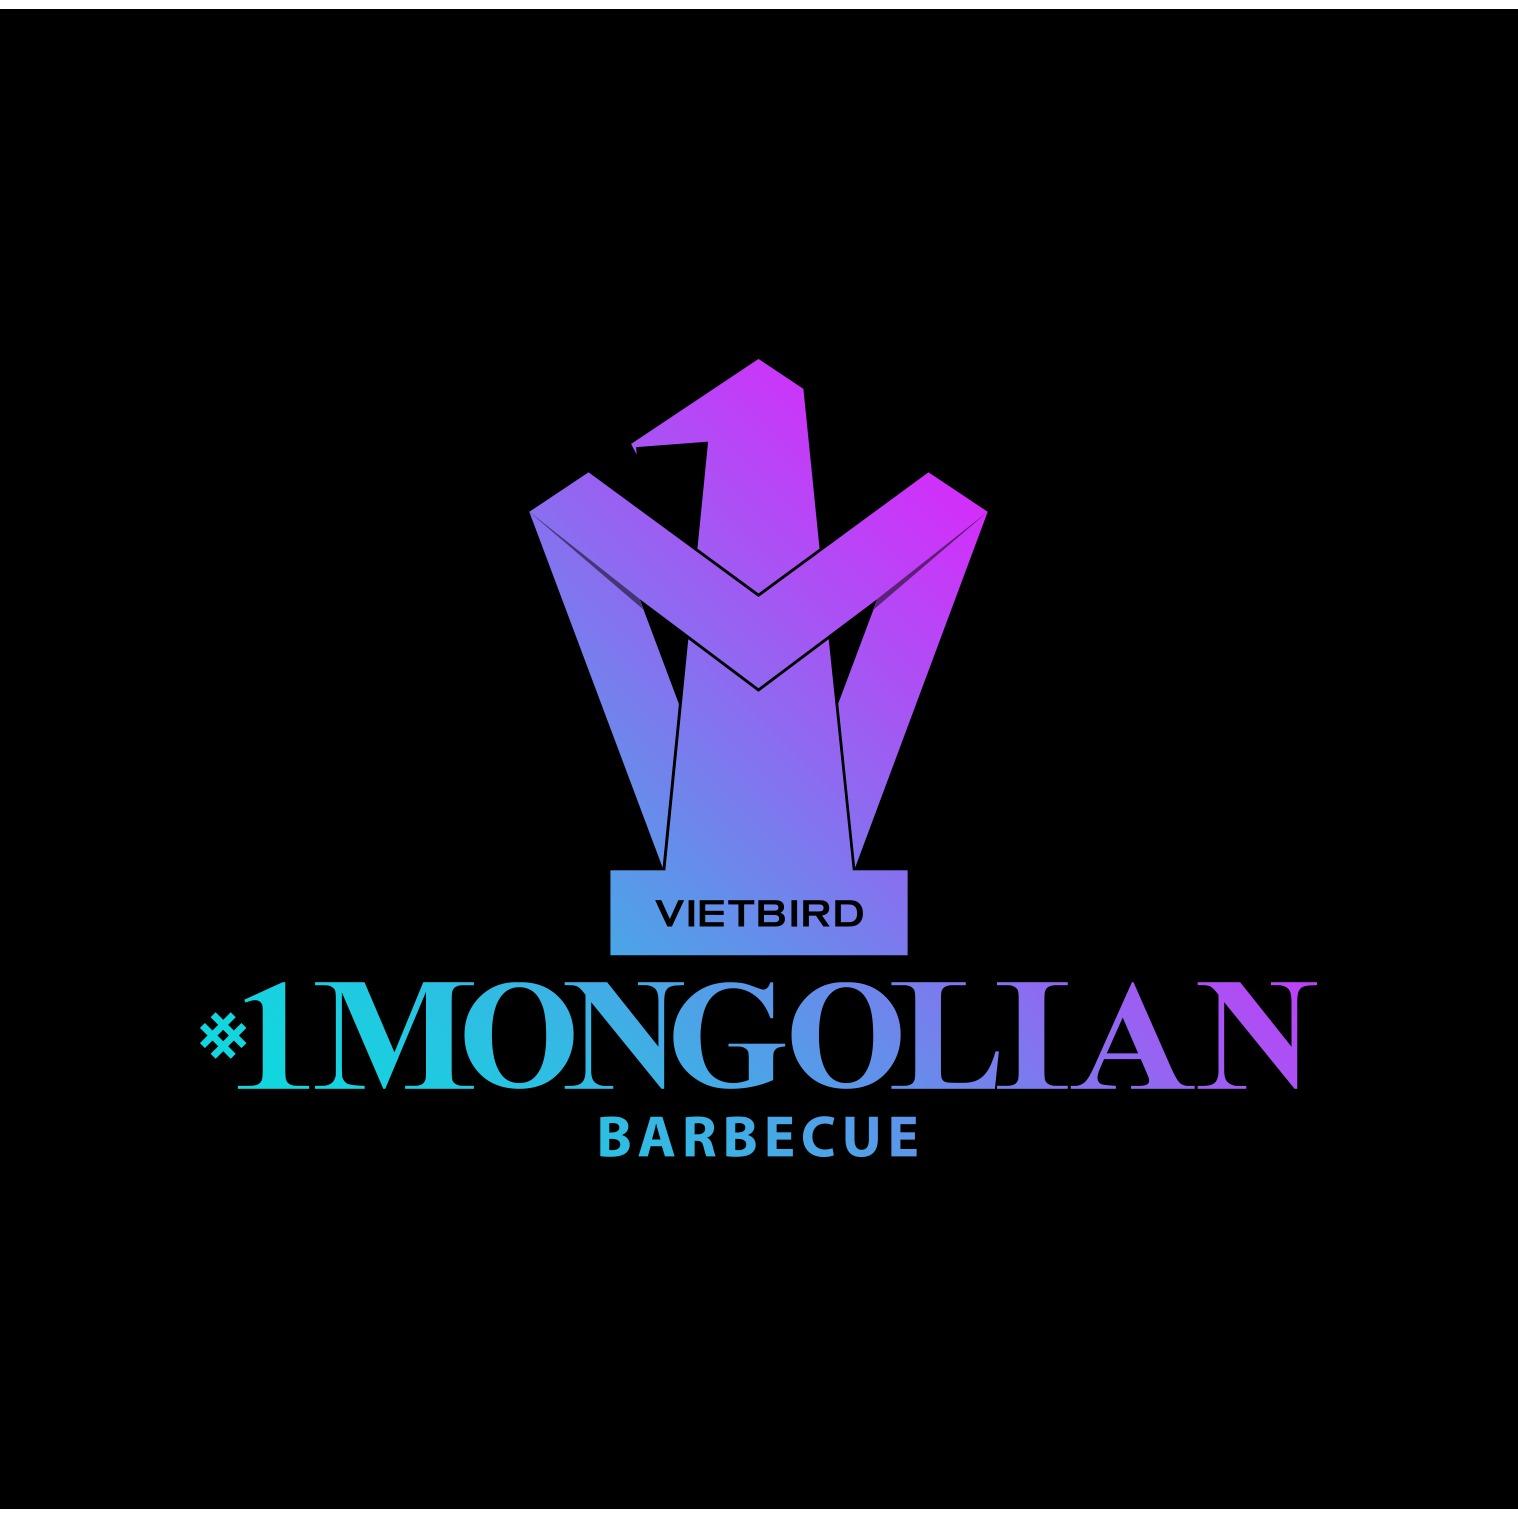 #1 Mongolian BBQ - Best Stir Fried Noodles In Boise